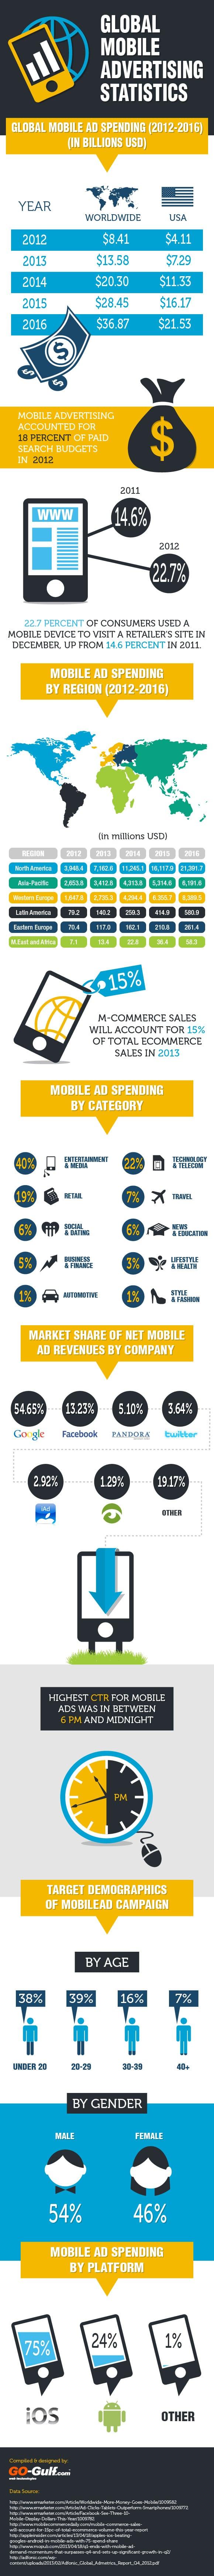 Cijfers en groeiverwachtingen voor mobiel adverteren